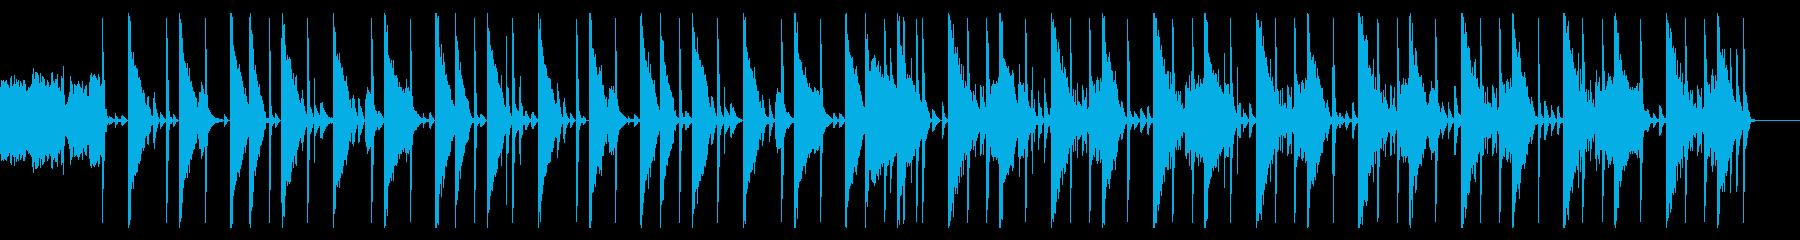 キックなし、146 BPMの再生済みの波形